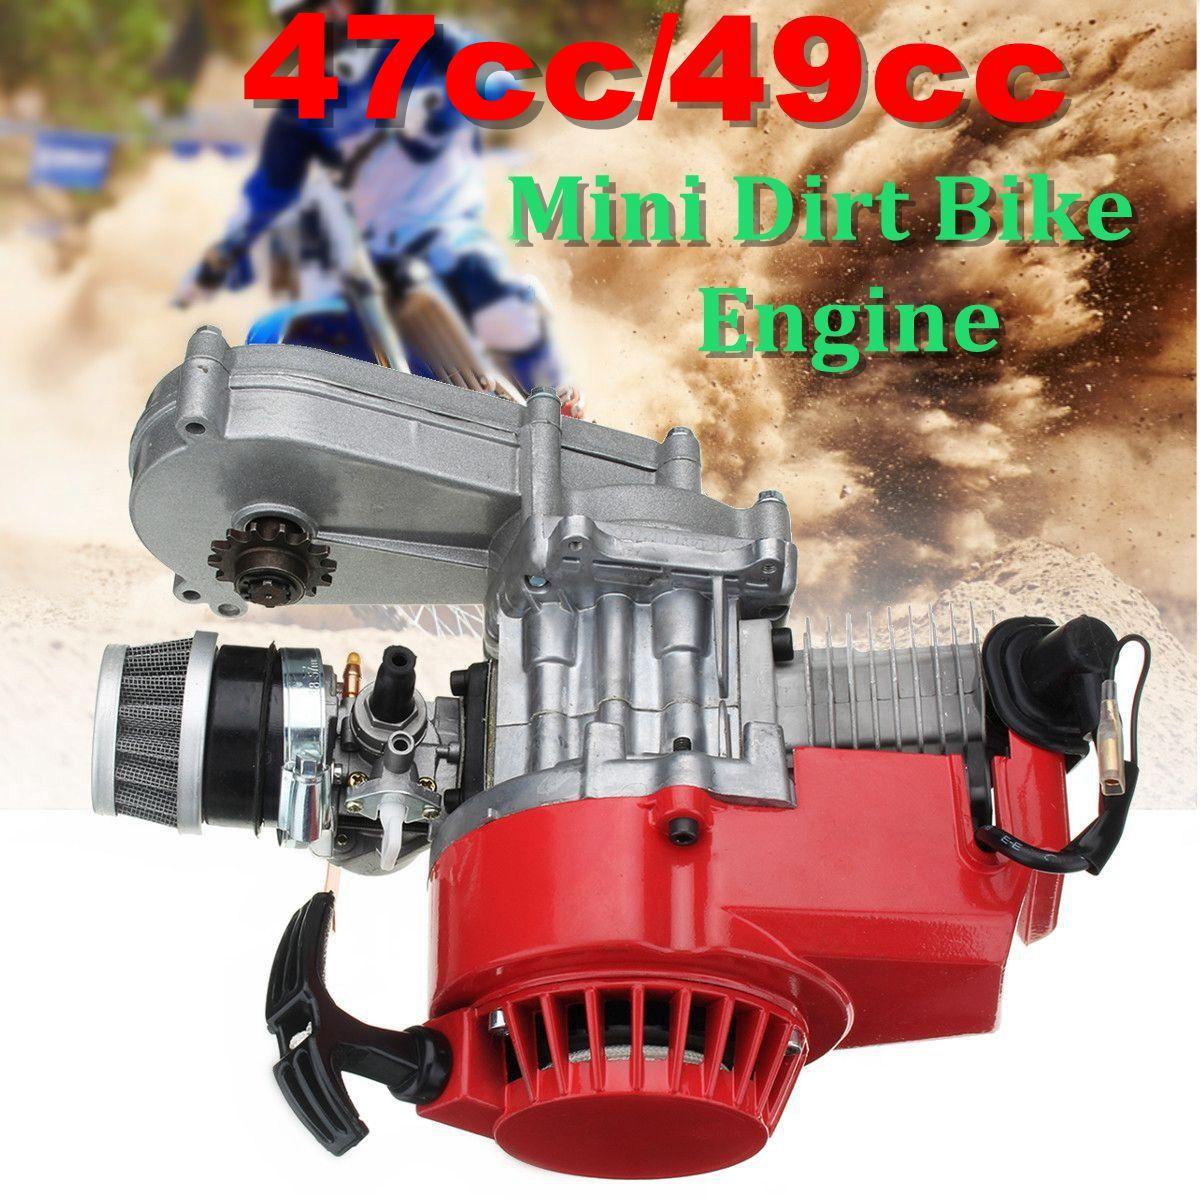 47cc/49cc Motor 2-Hub Pull Starten Motor w/Transfer Box Rot Für Mini Dirt Bike